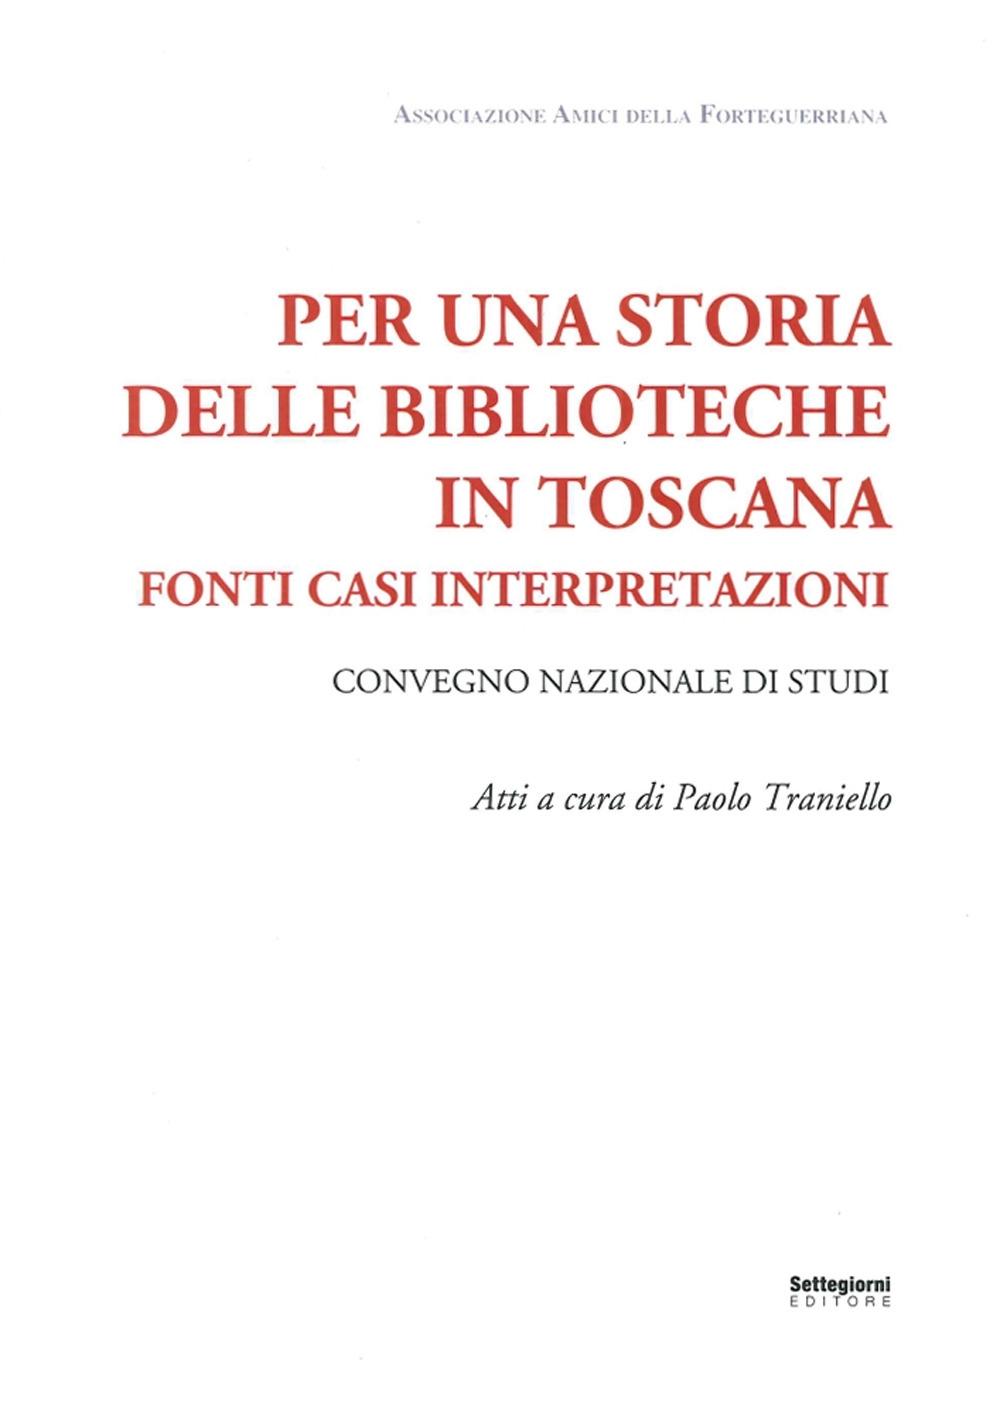 Per una Storia delle Biblioteche in Toscana. Fonti Casi Interpretazioni